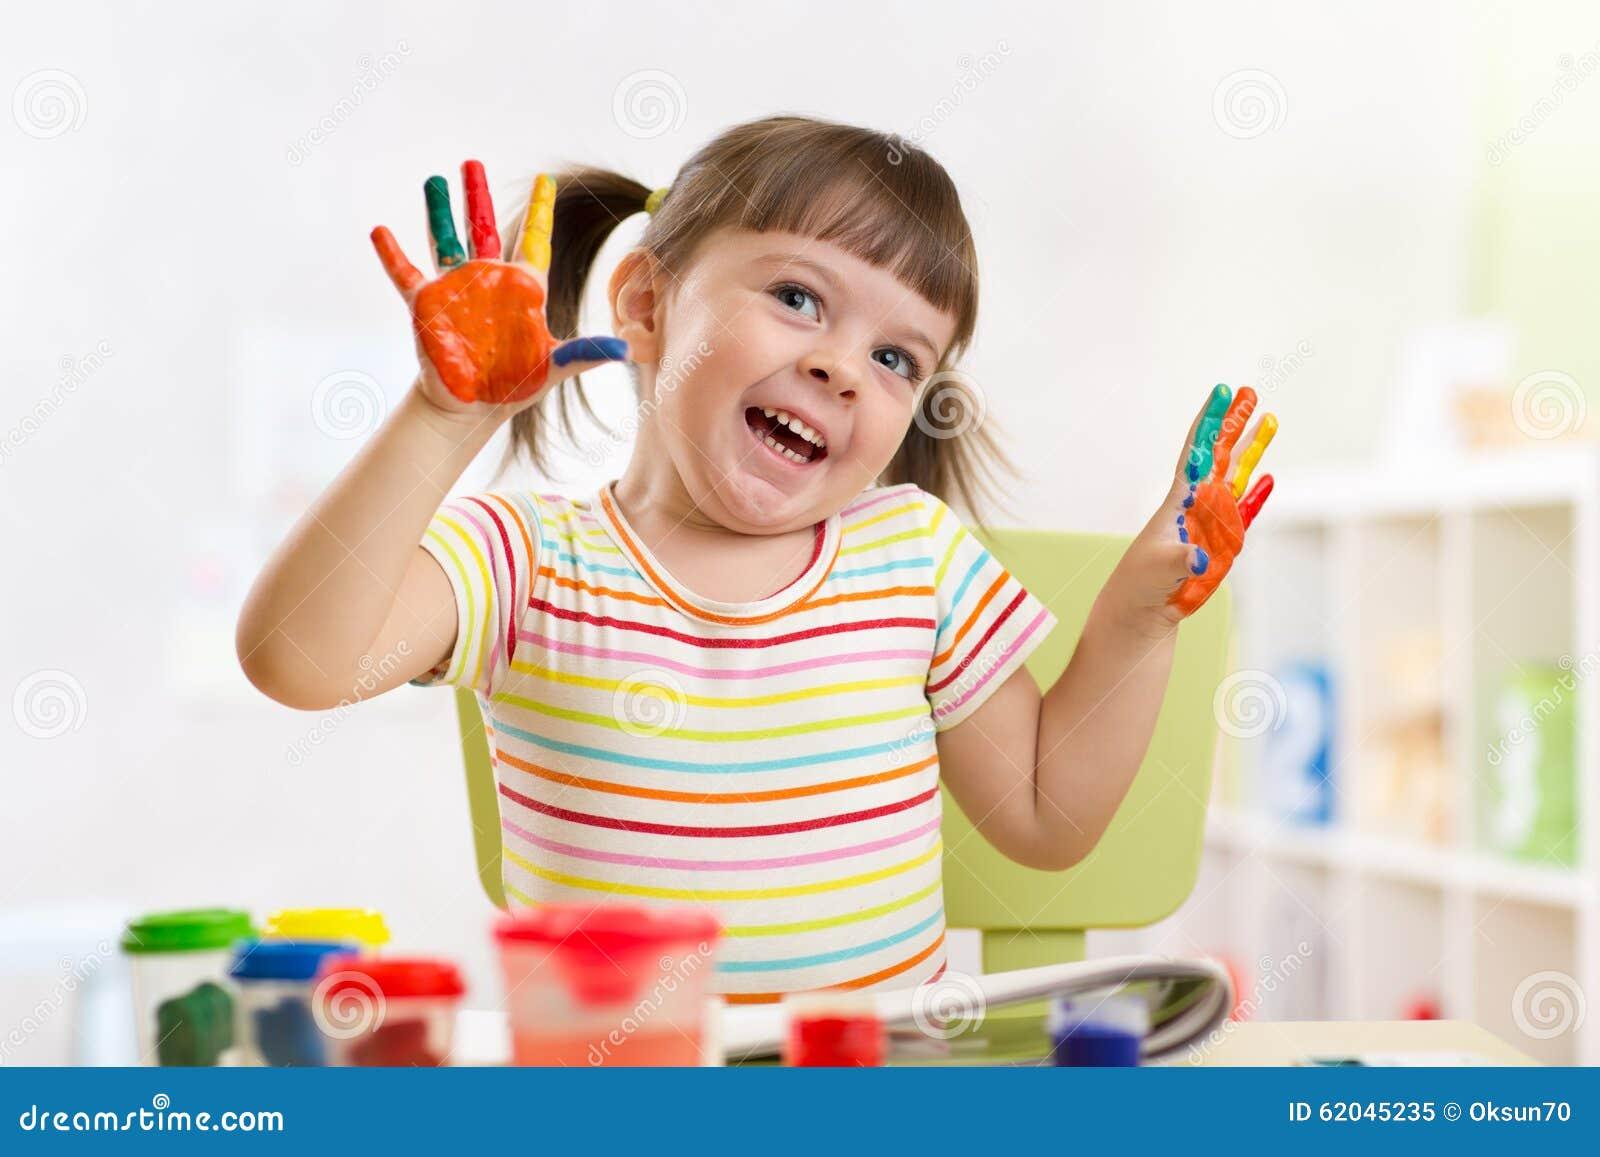 Portrait de fille d 39 enfant avec les mains peintes photo stock image 62045235 - Table a repasser avec les mains ...